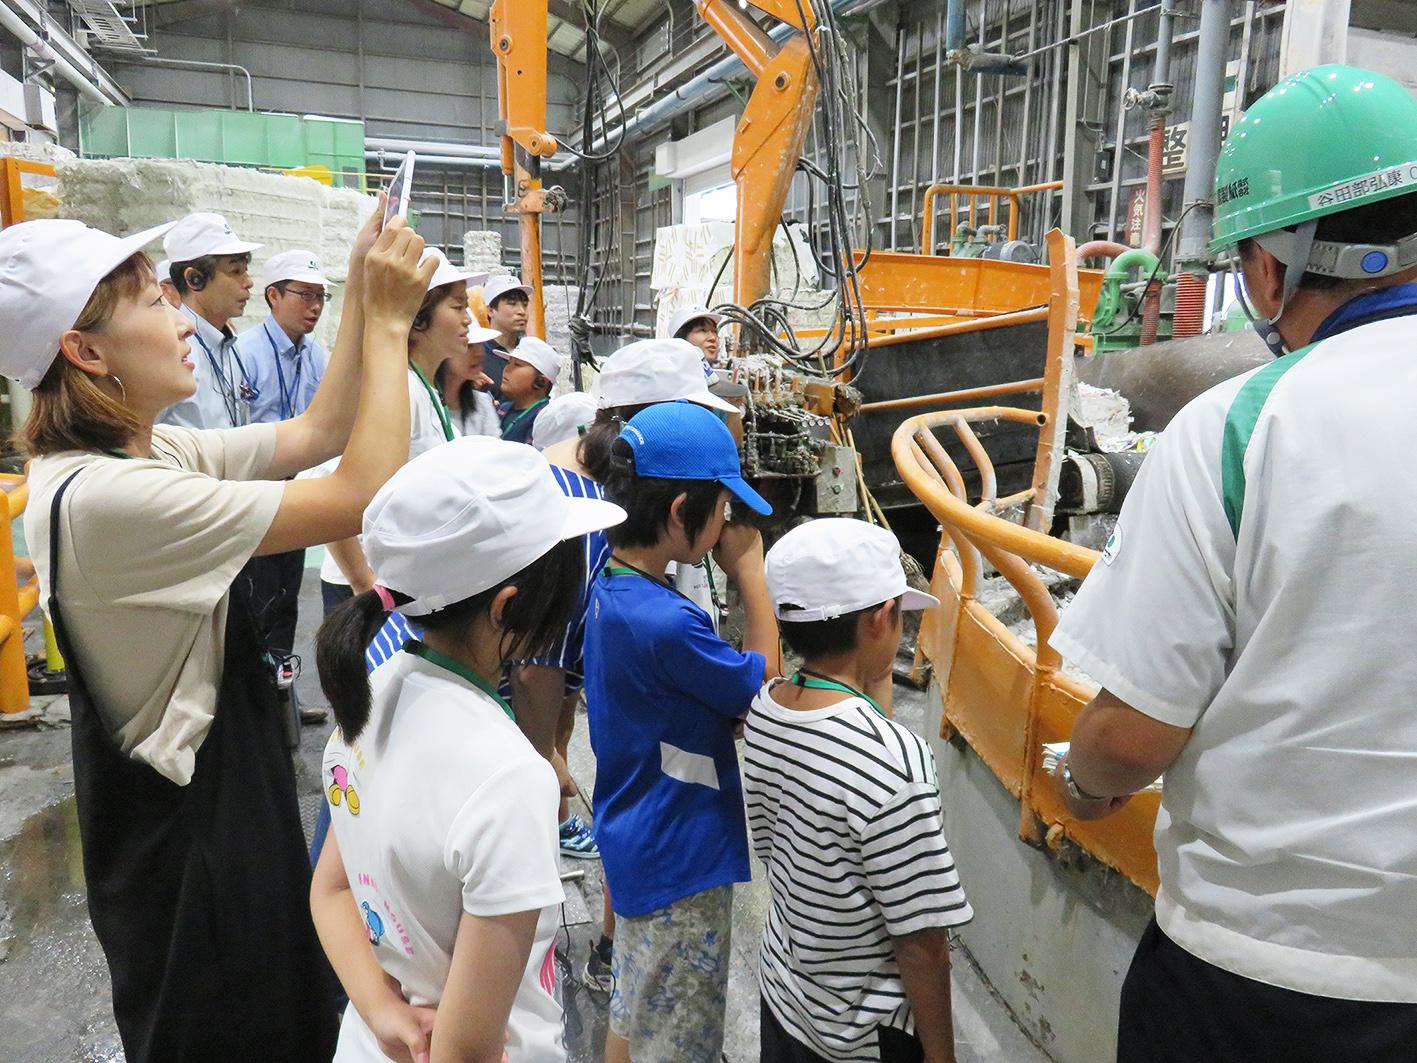 2018.08.23-ユニー工場見学7